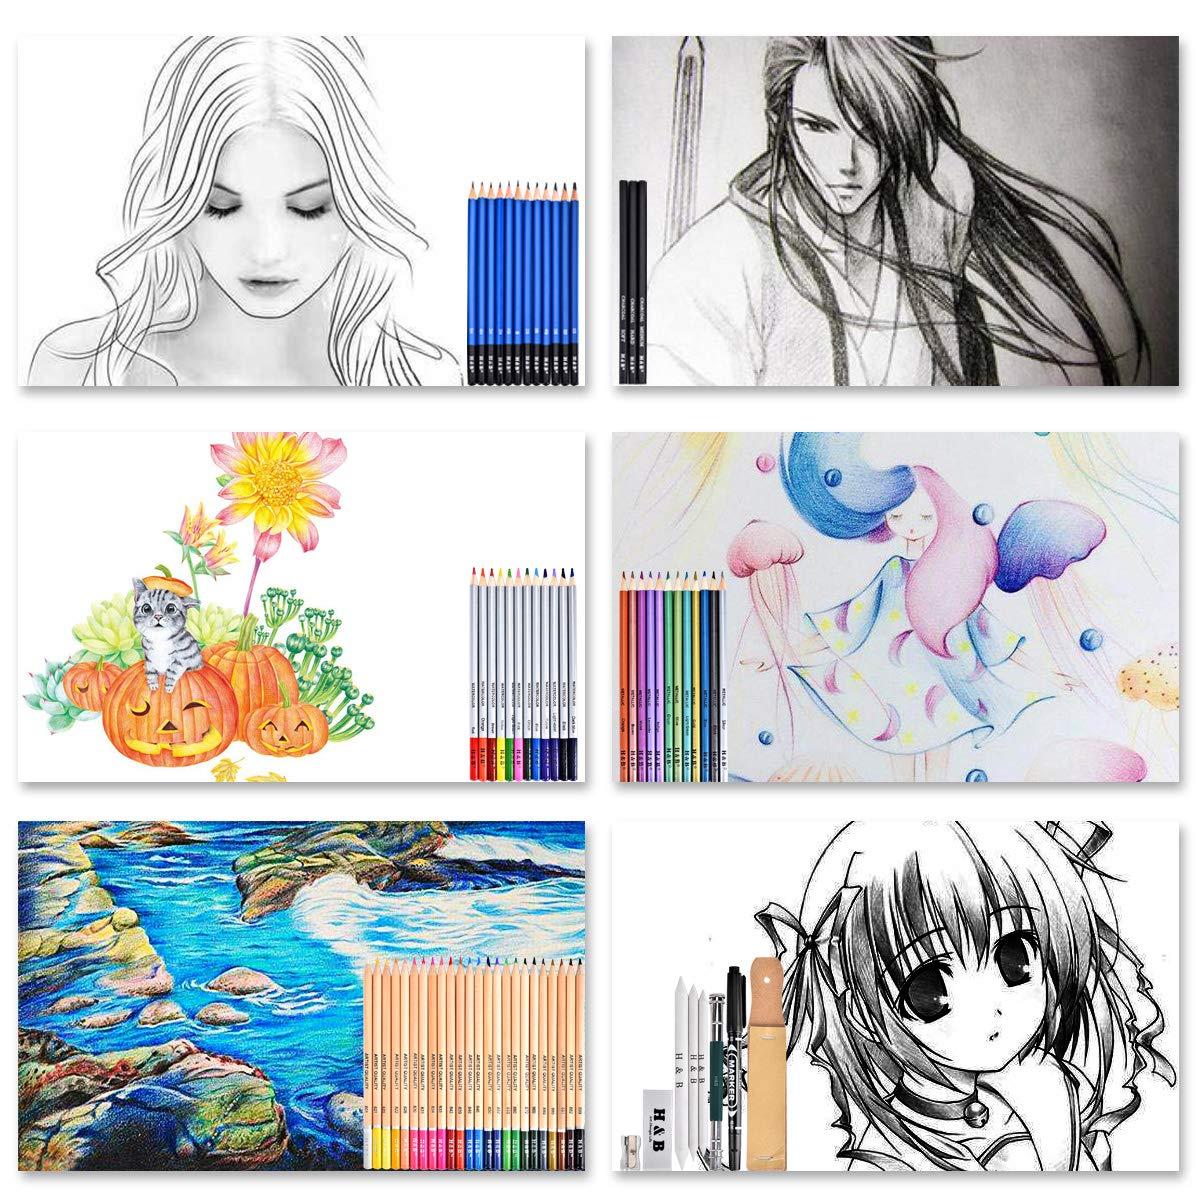 Principianti Cozywind 72 Pezzi Matite di Disegno Set Disegno e Matite Colorate Kit Ideale con Strumenti per Artisti Adulti e Bambini